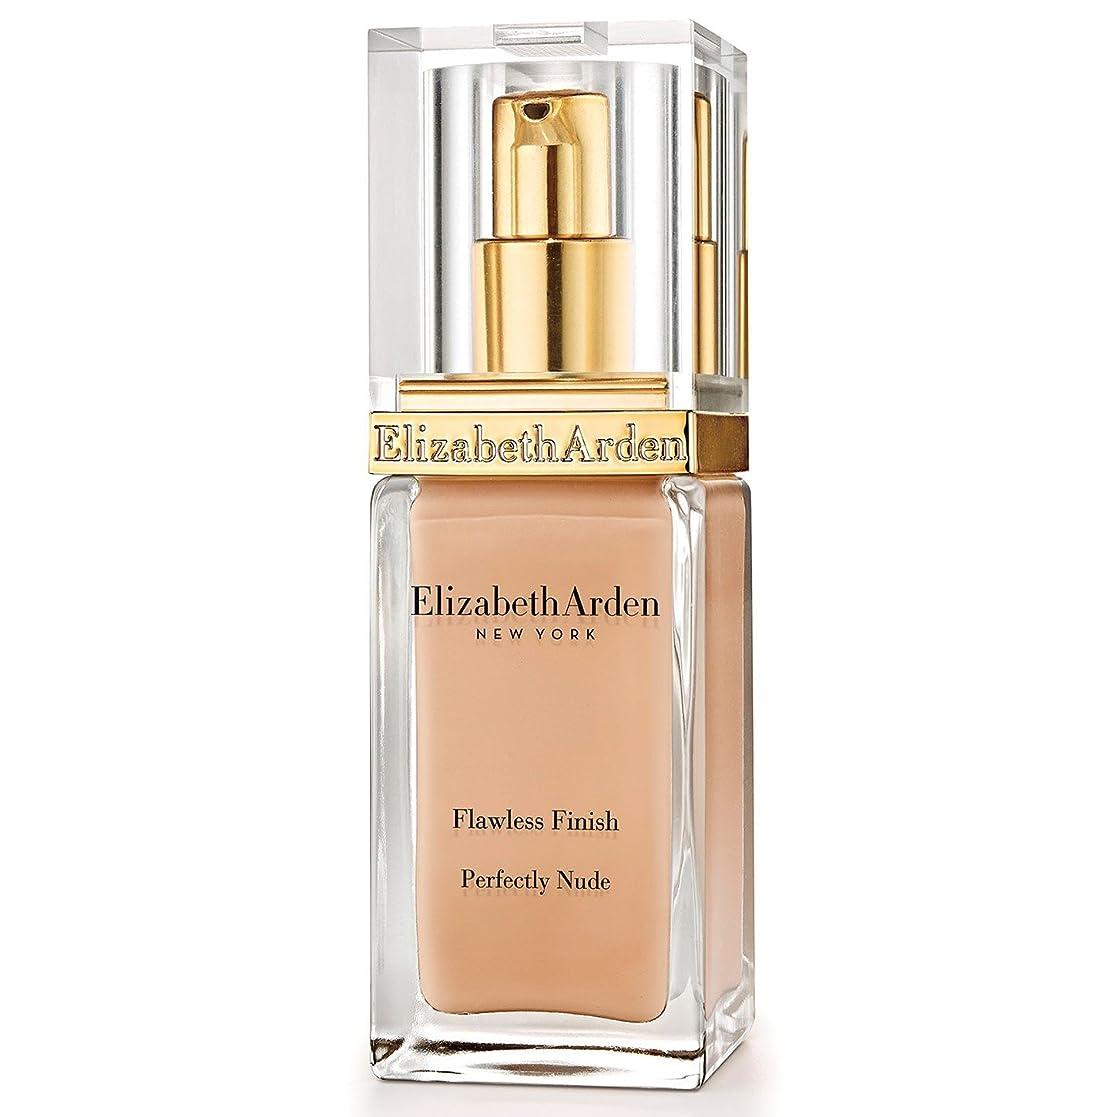 転送誰がエスニックエリザベスアーデン完璧な仕上がり完璧ヌード基礎 15アンバー x4 - Elizabeth Arden Flawless Finish Perfectly Nude Foundation SPF 15 Amber (Pack of 4) [並行輸入品]